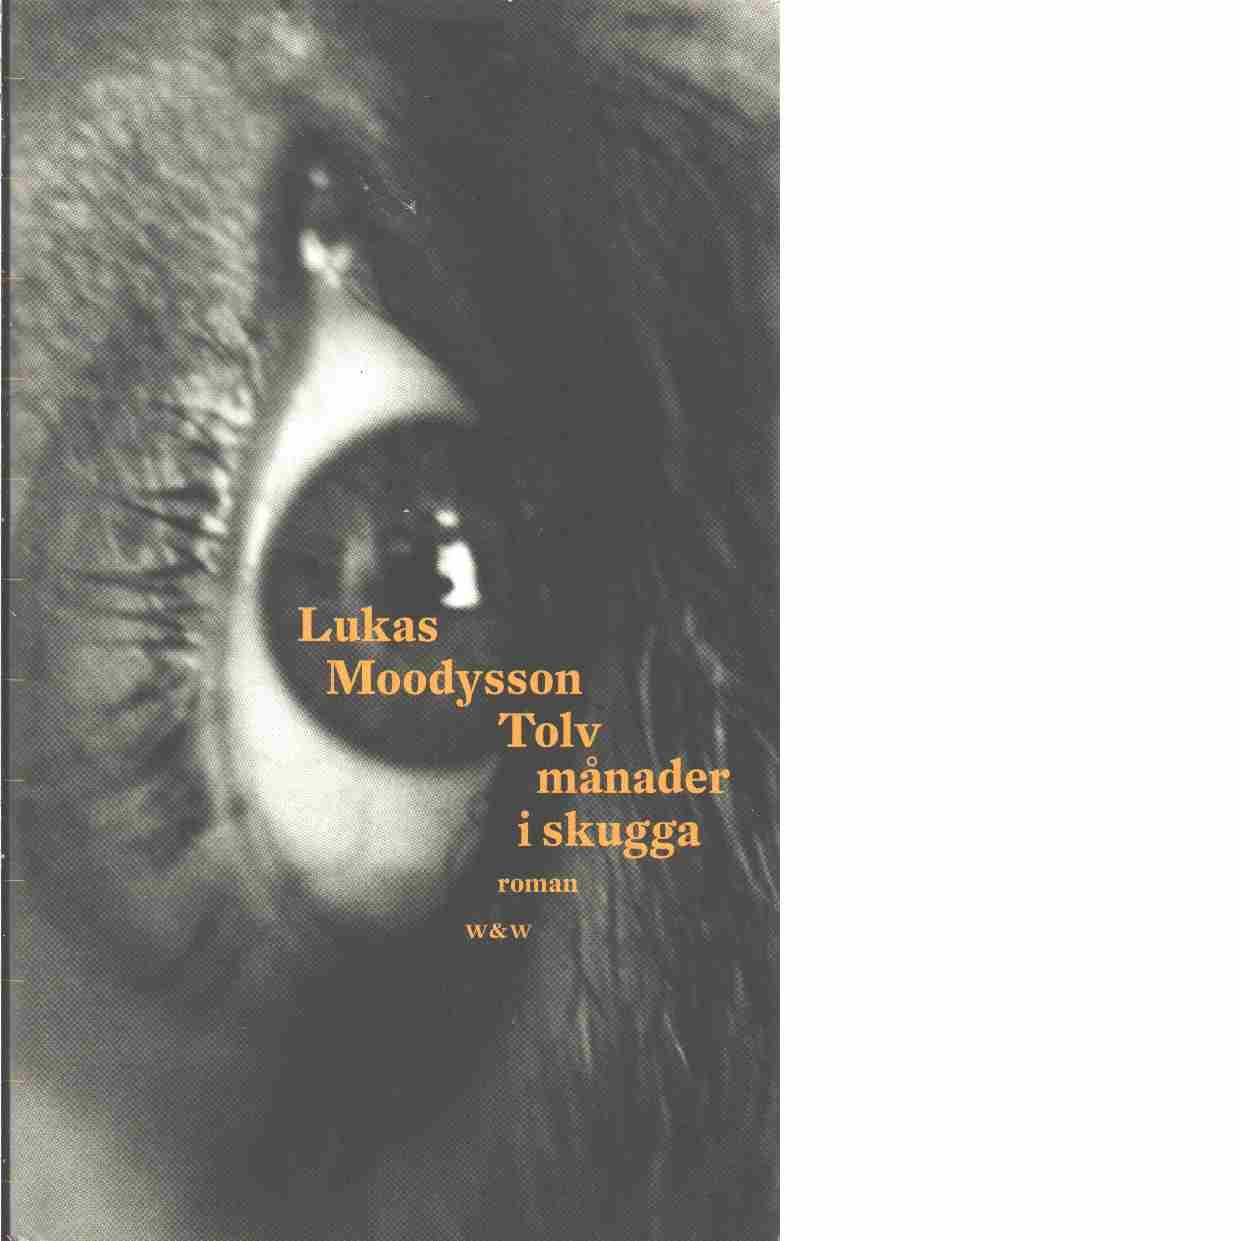 Tolv månader i skugga  - Moodysson, Lukas